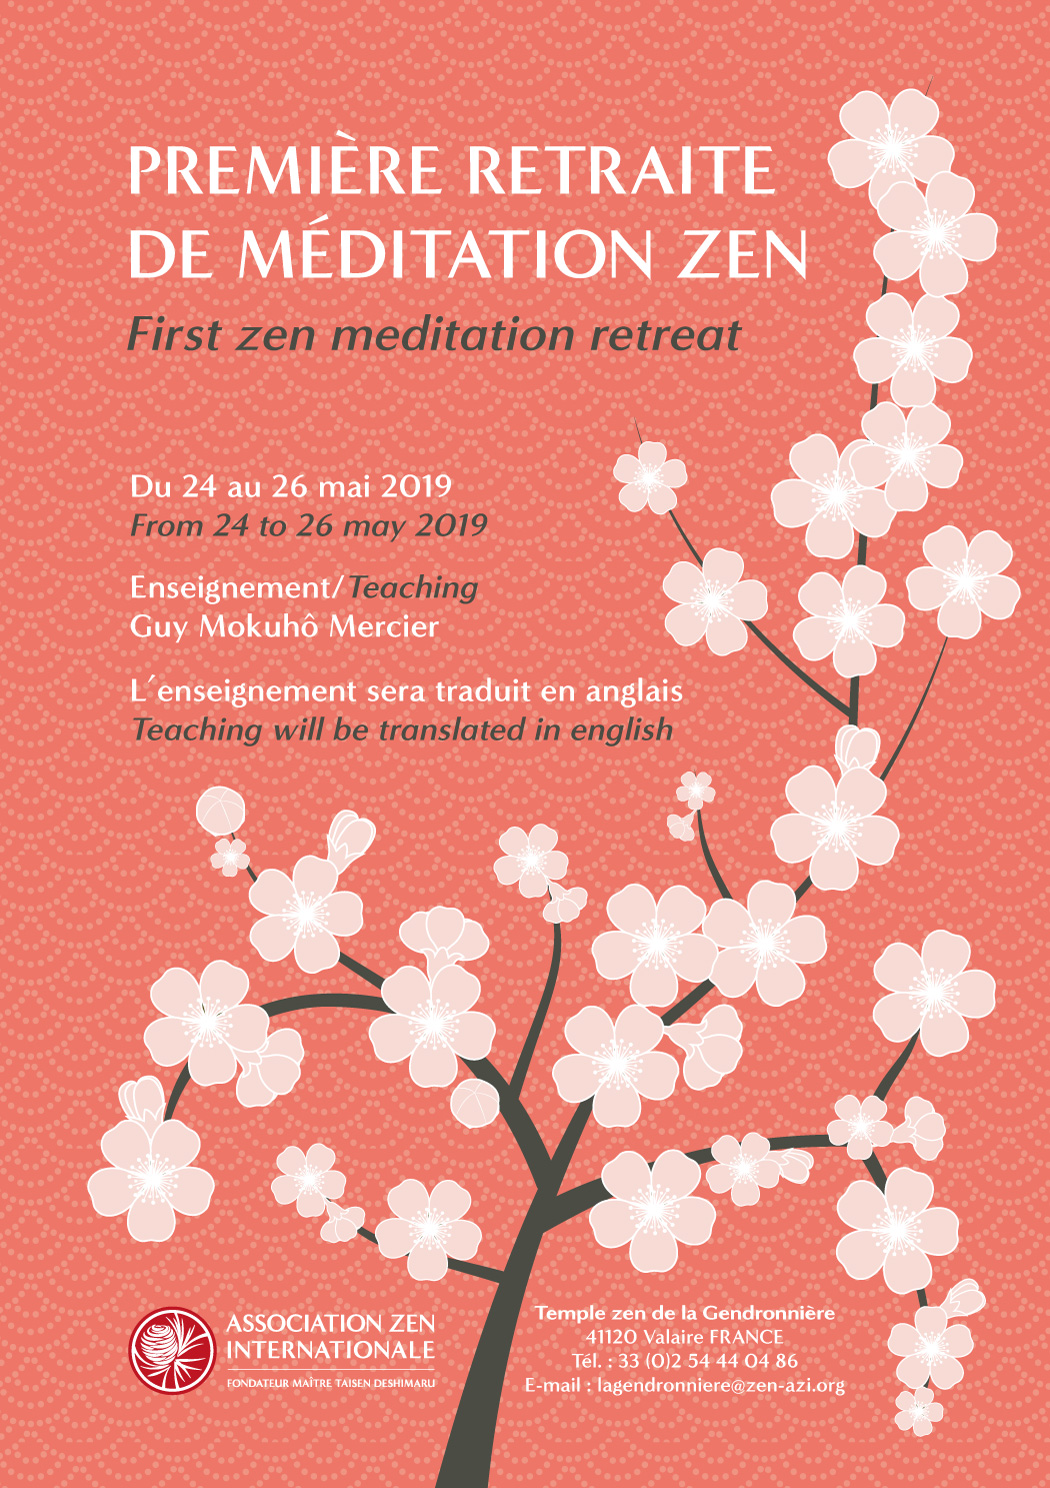 Du 24 au 26 mai – Première retraite de méditation zen – La Gendronnière